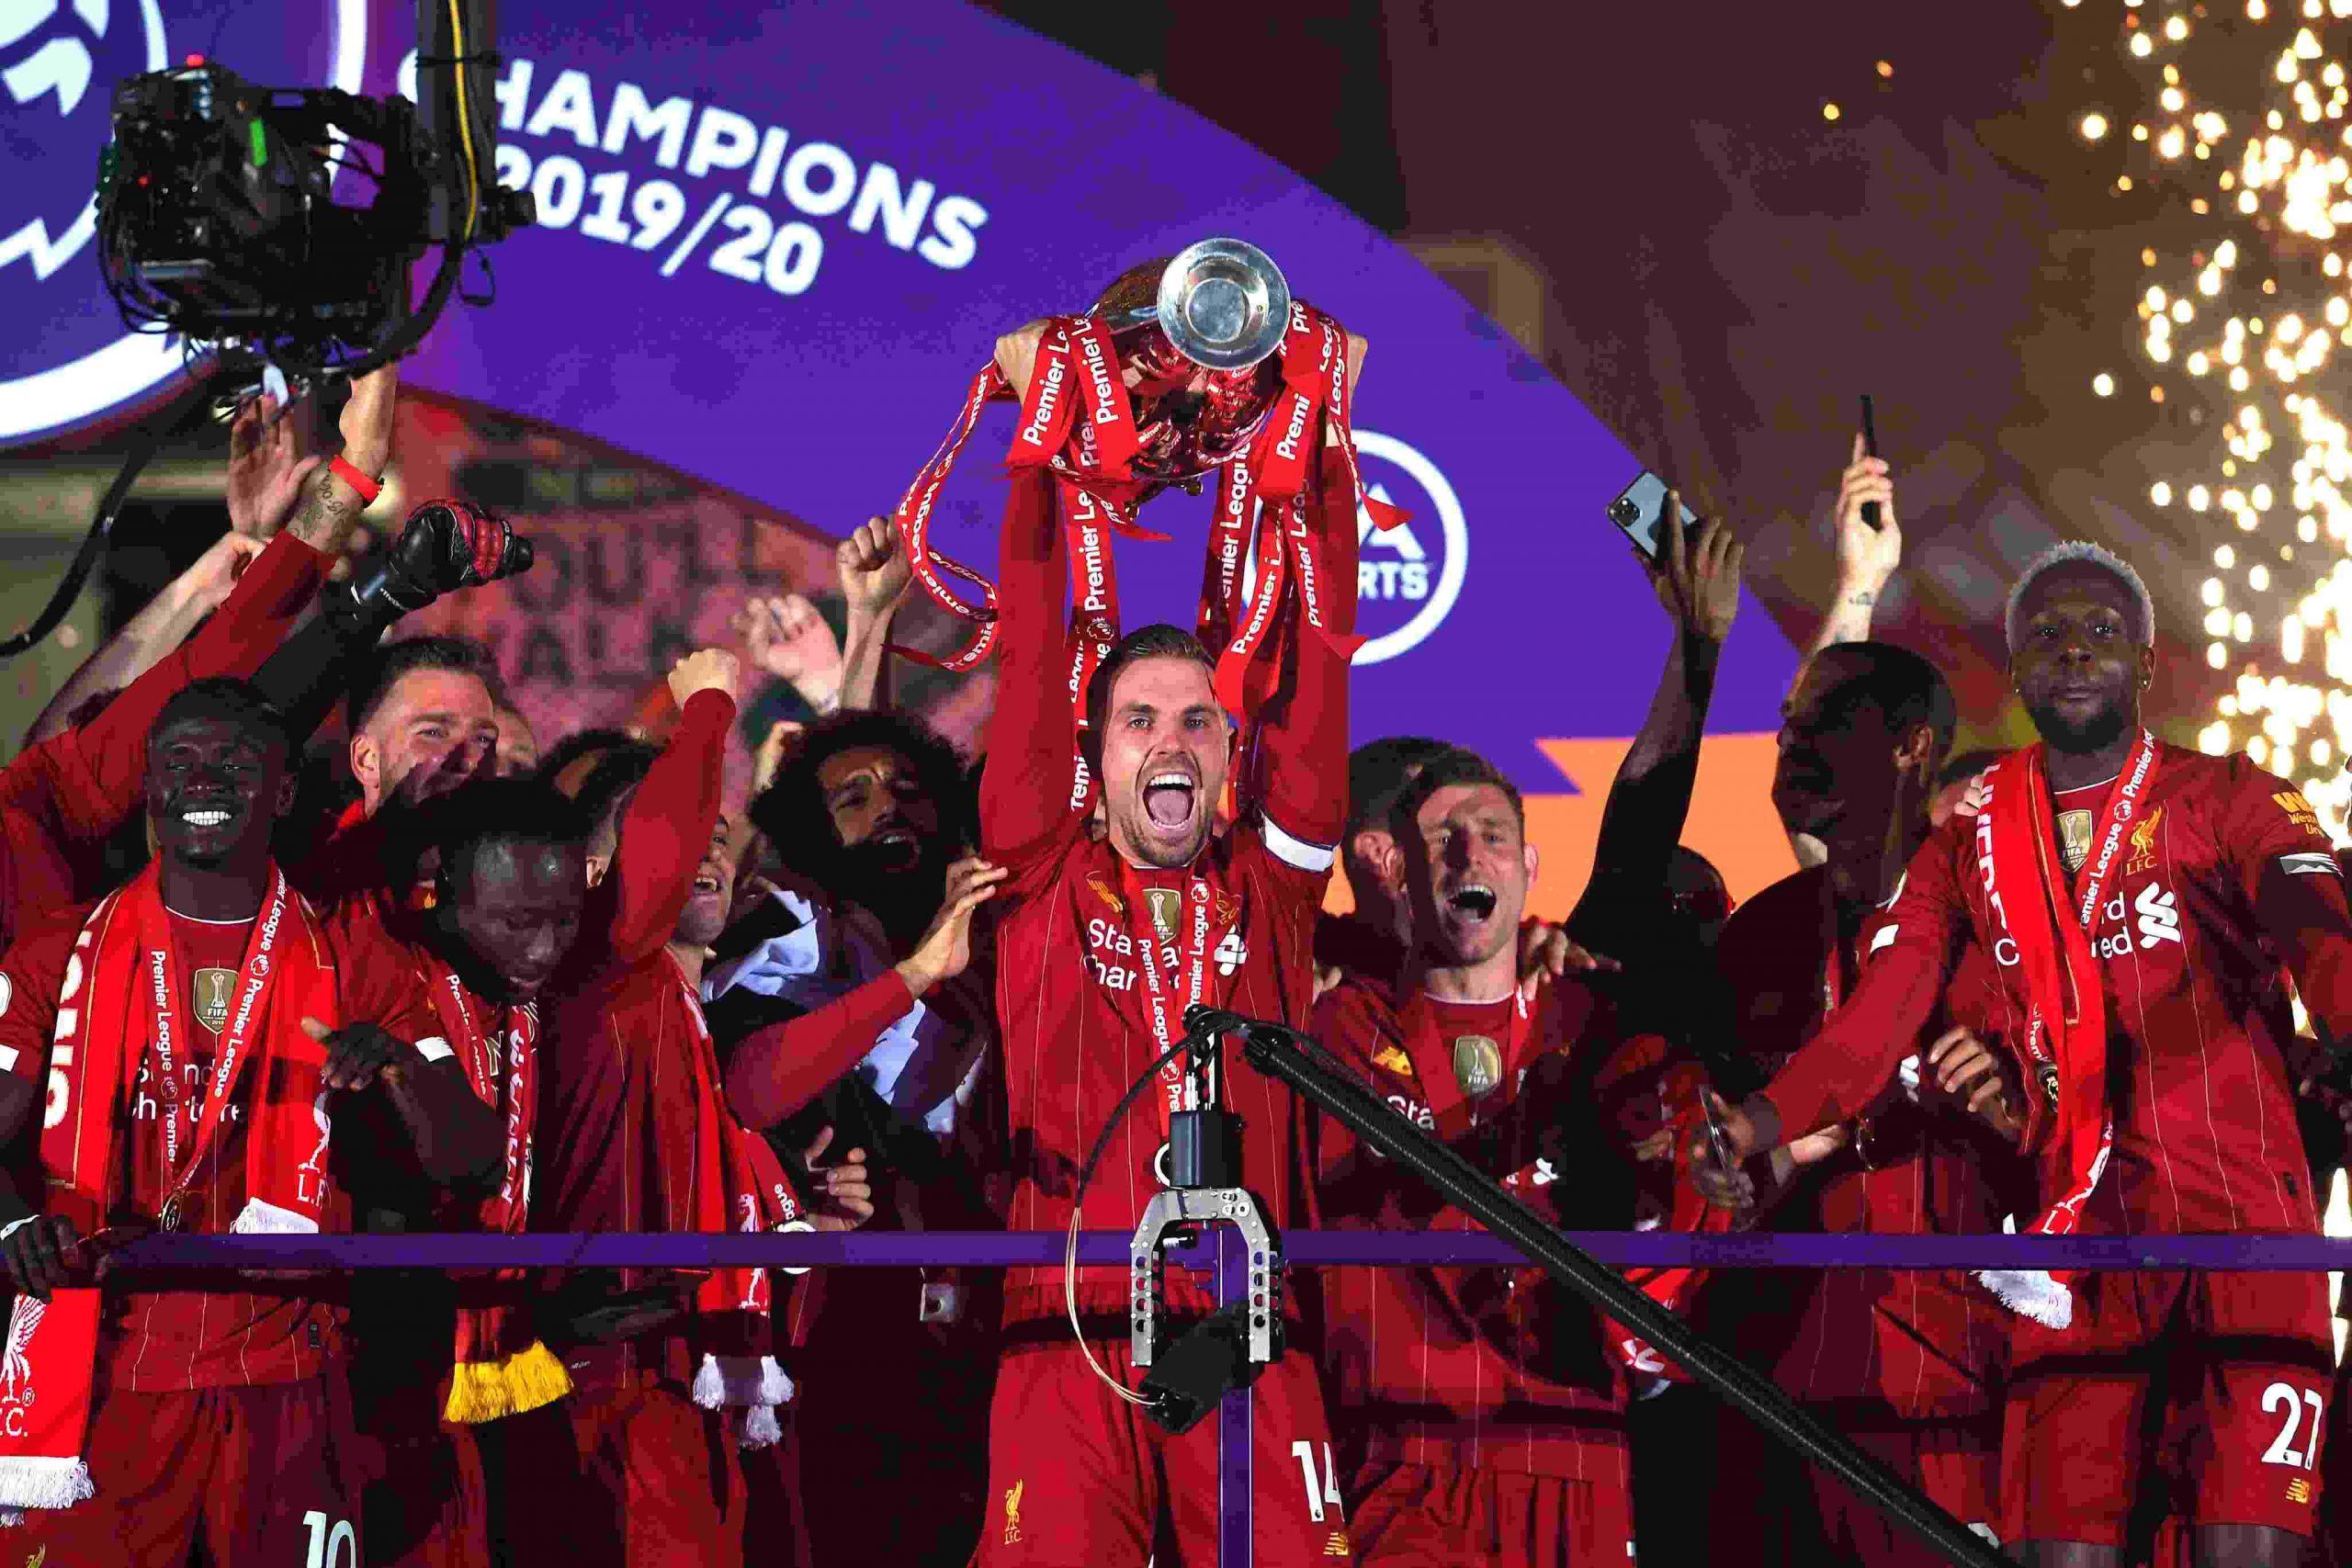 Tumbangkan Chelsea, Liverpool Angkat Trofi Juara Liga Inggris Musim 2019-2020